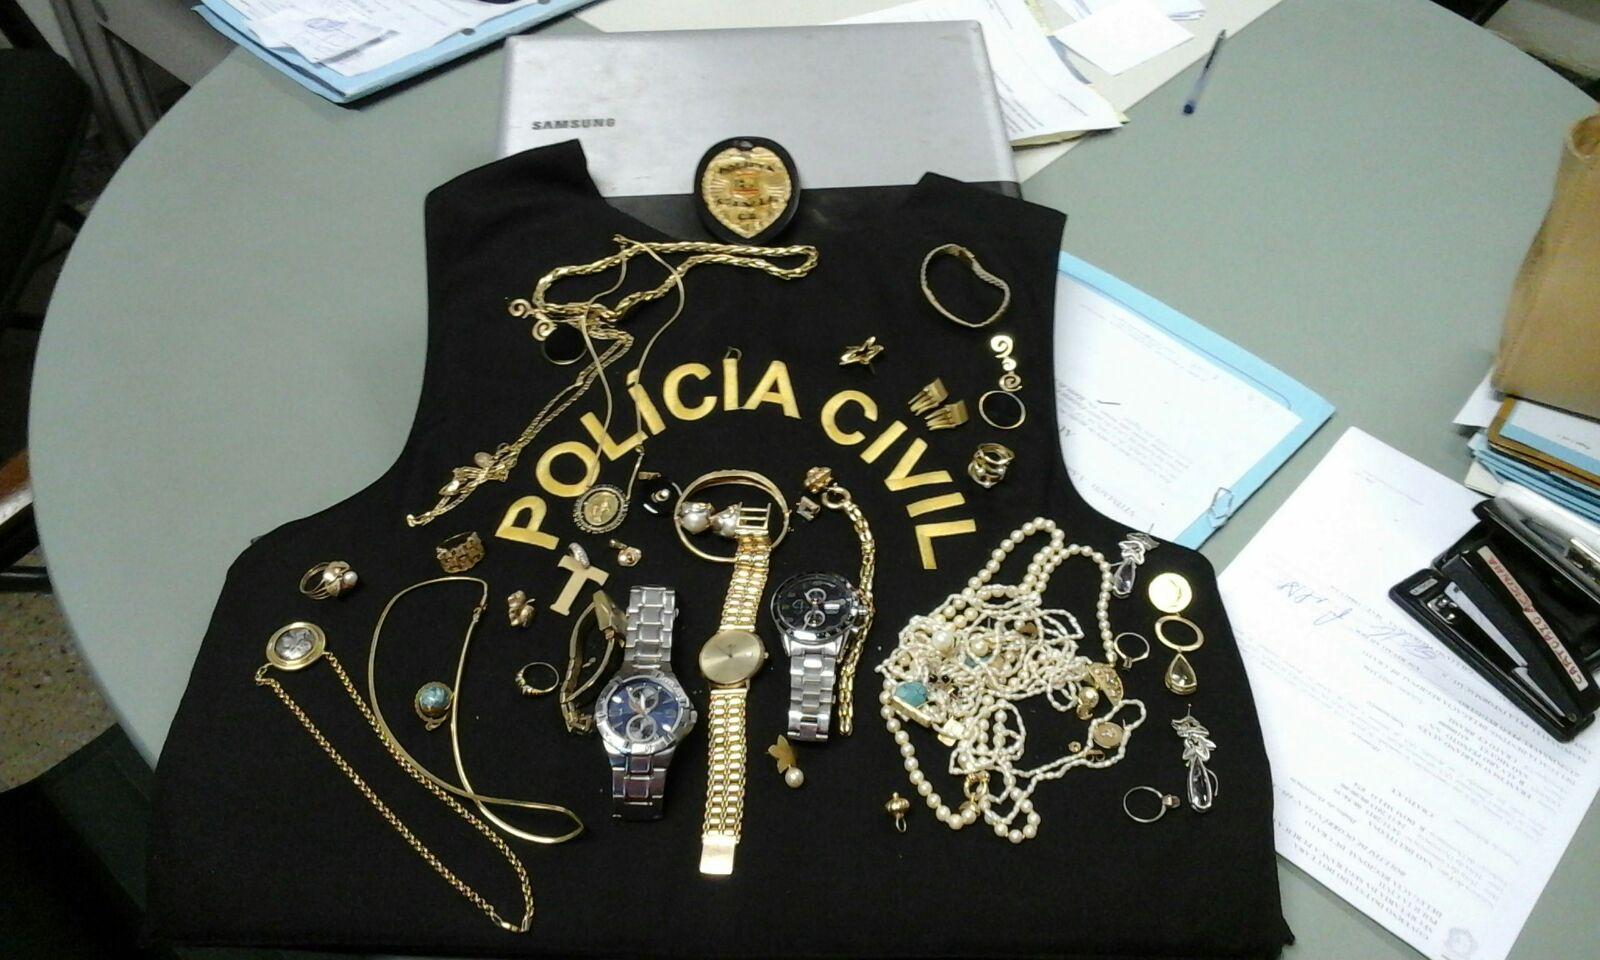 Ao serem capturados, os adolescentes confessaram a autoria do delito e indicaram onde estaria o material furtado (FOTO: Reprodução)